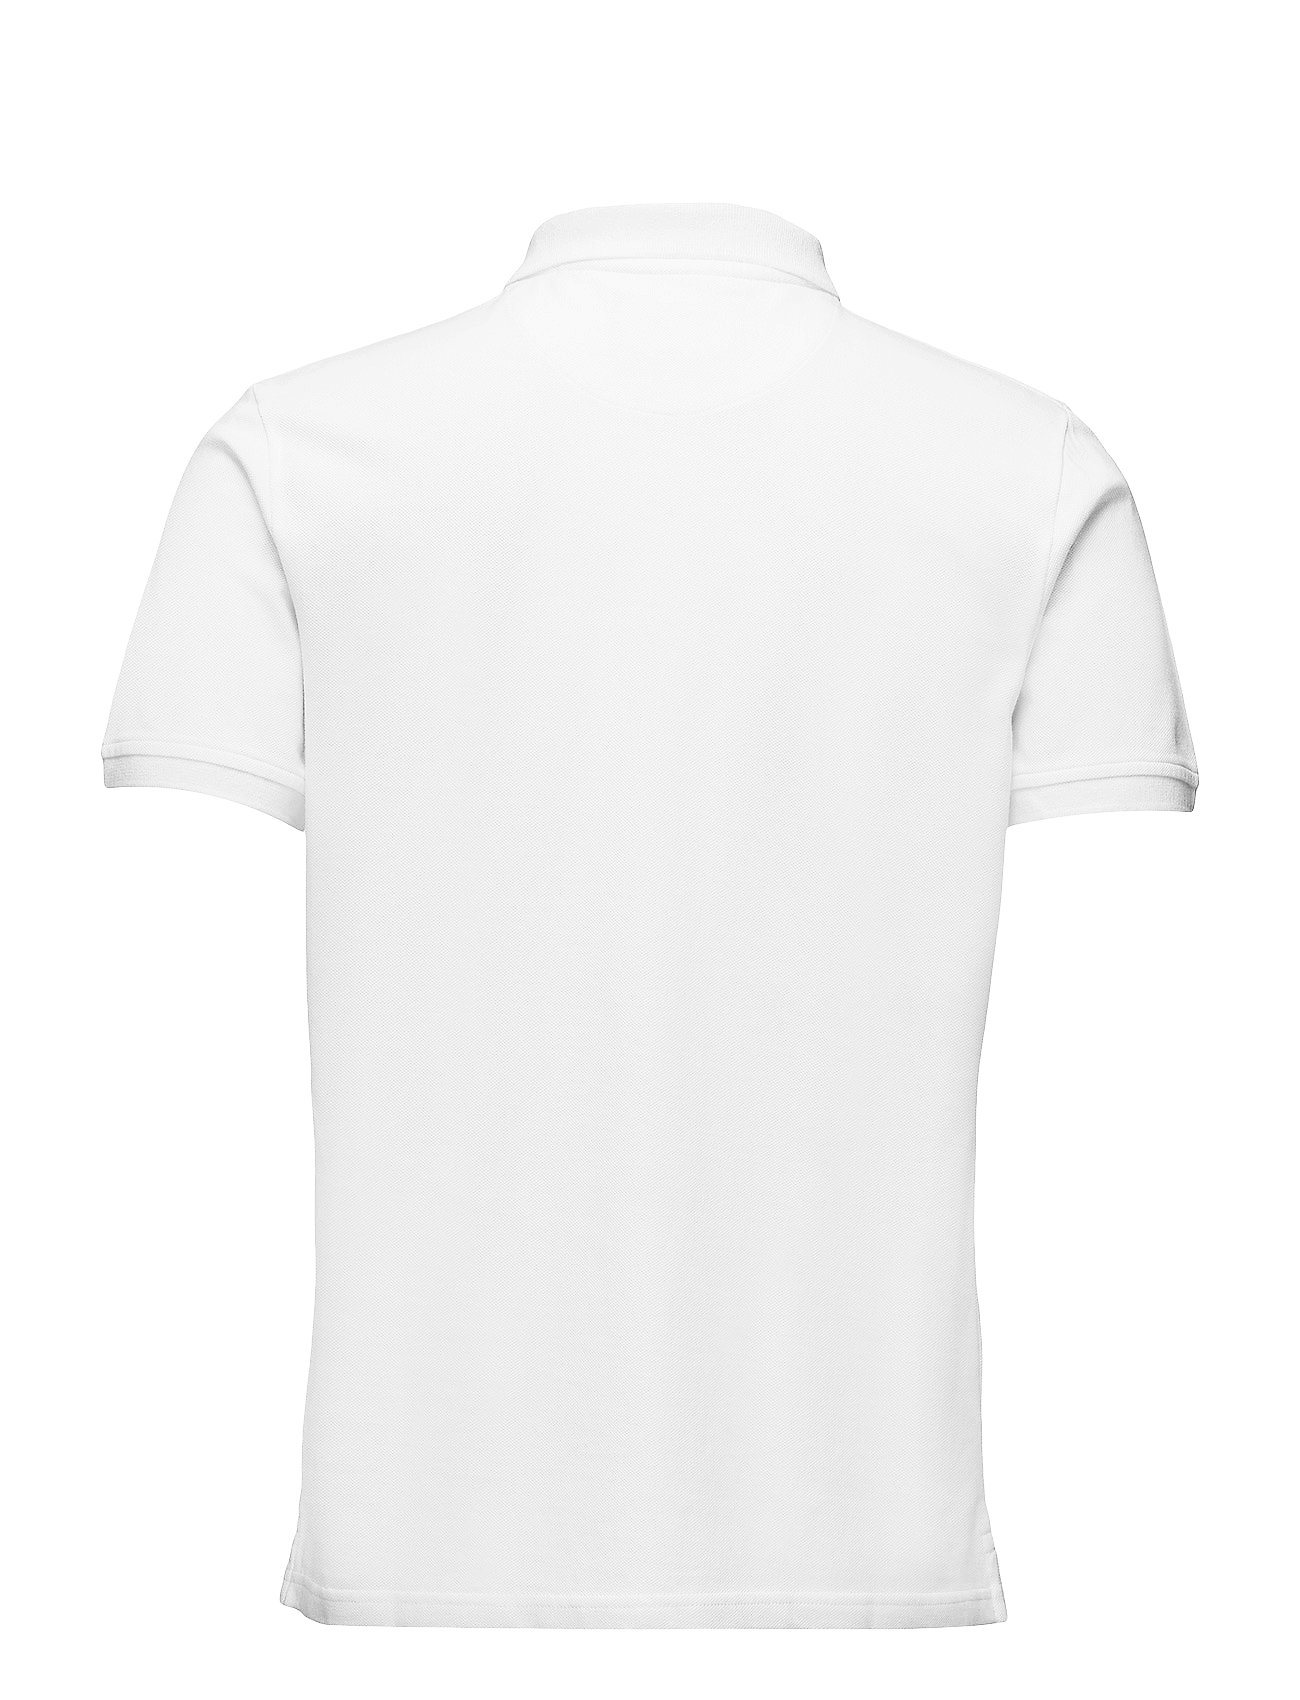 Polo ShirtwhiteLyleamp; Polo Polo Scott ShirtwhiteLyleamp; Scott ShirtwhiteLyleamp; WEH29IeYbD